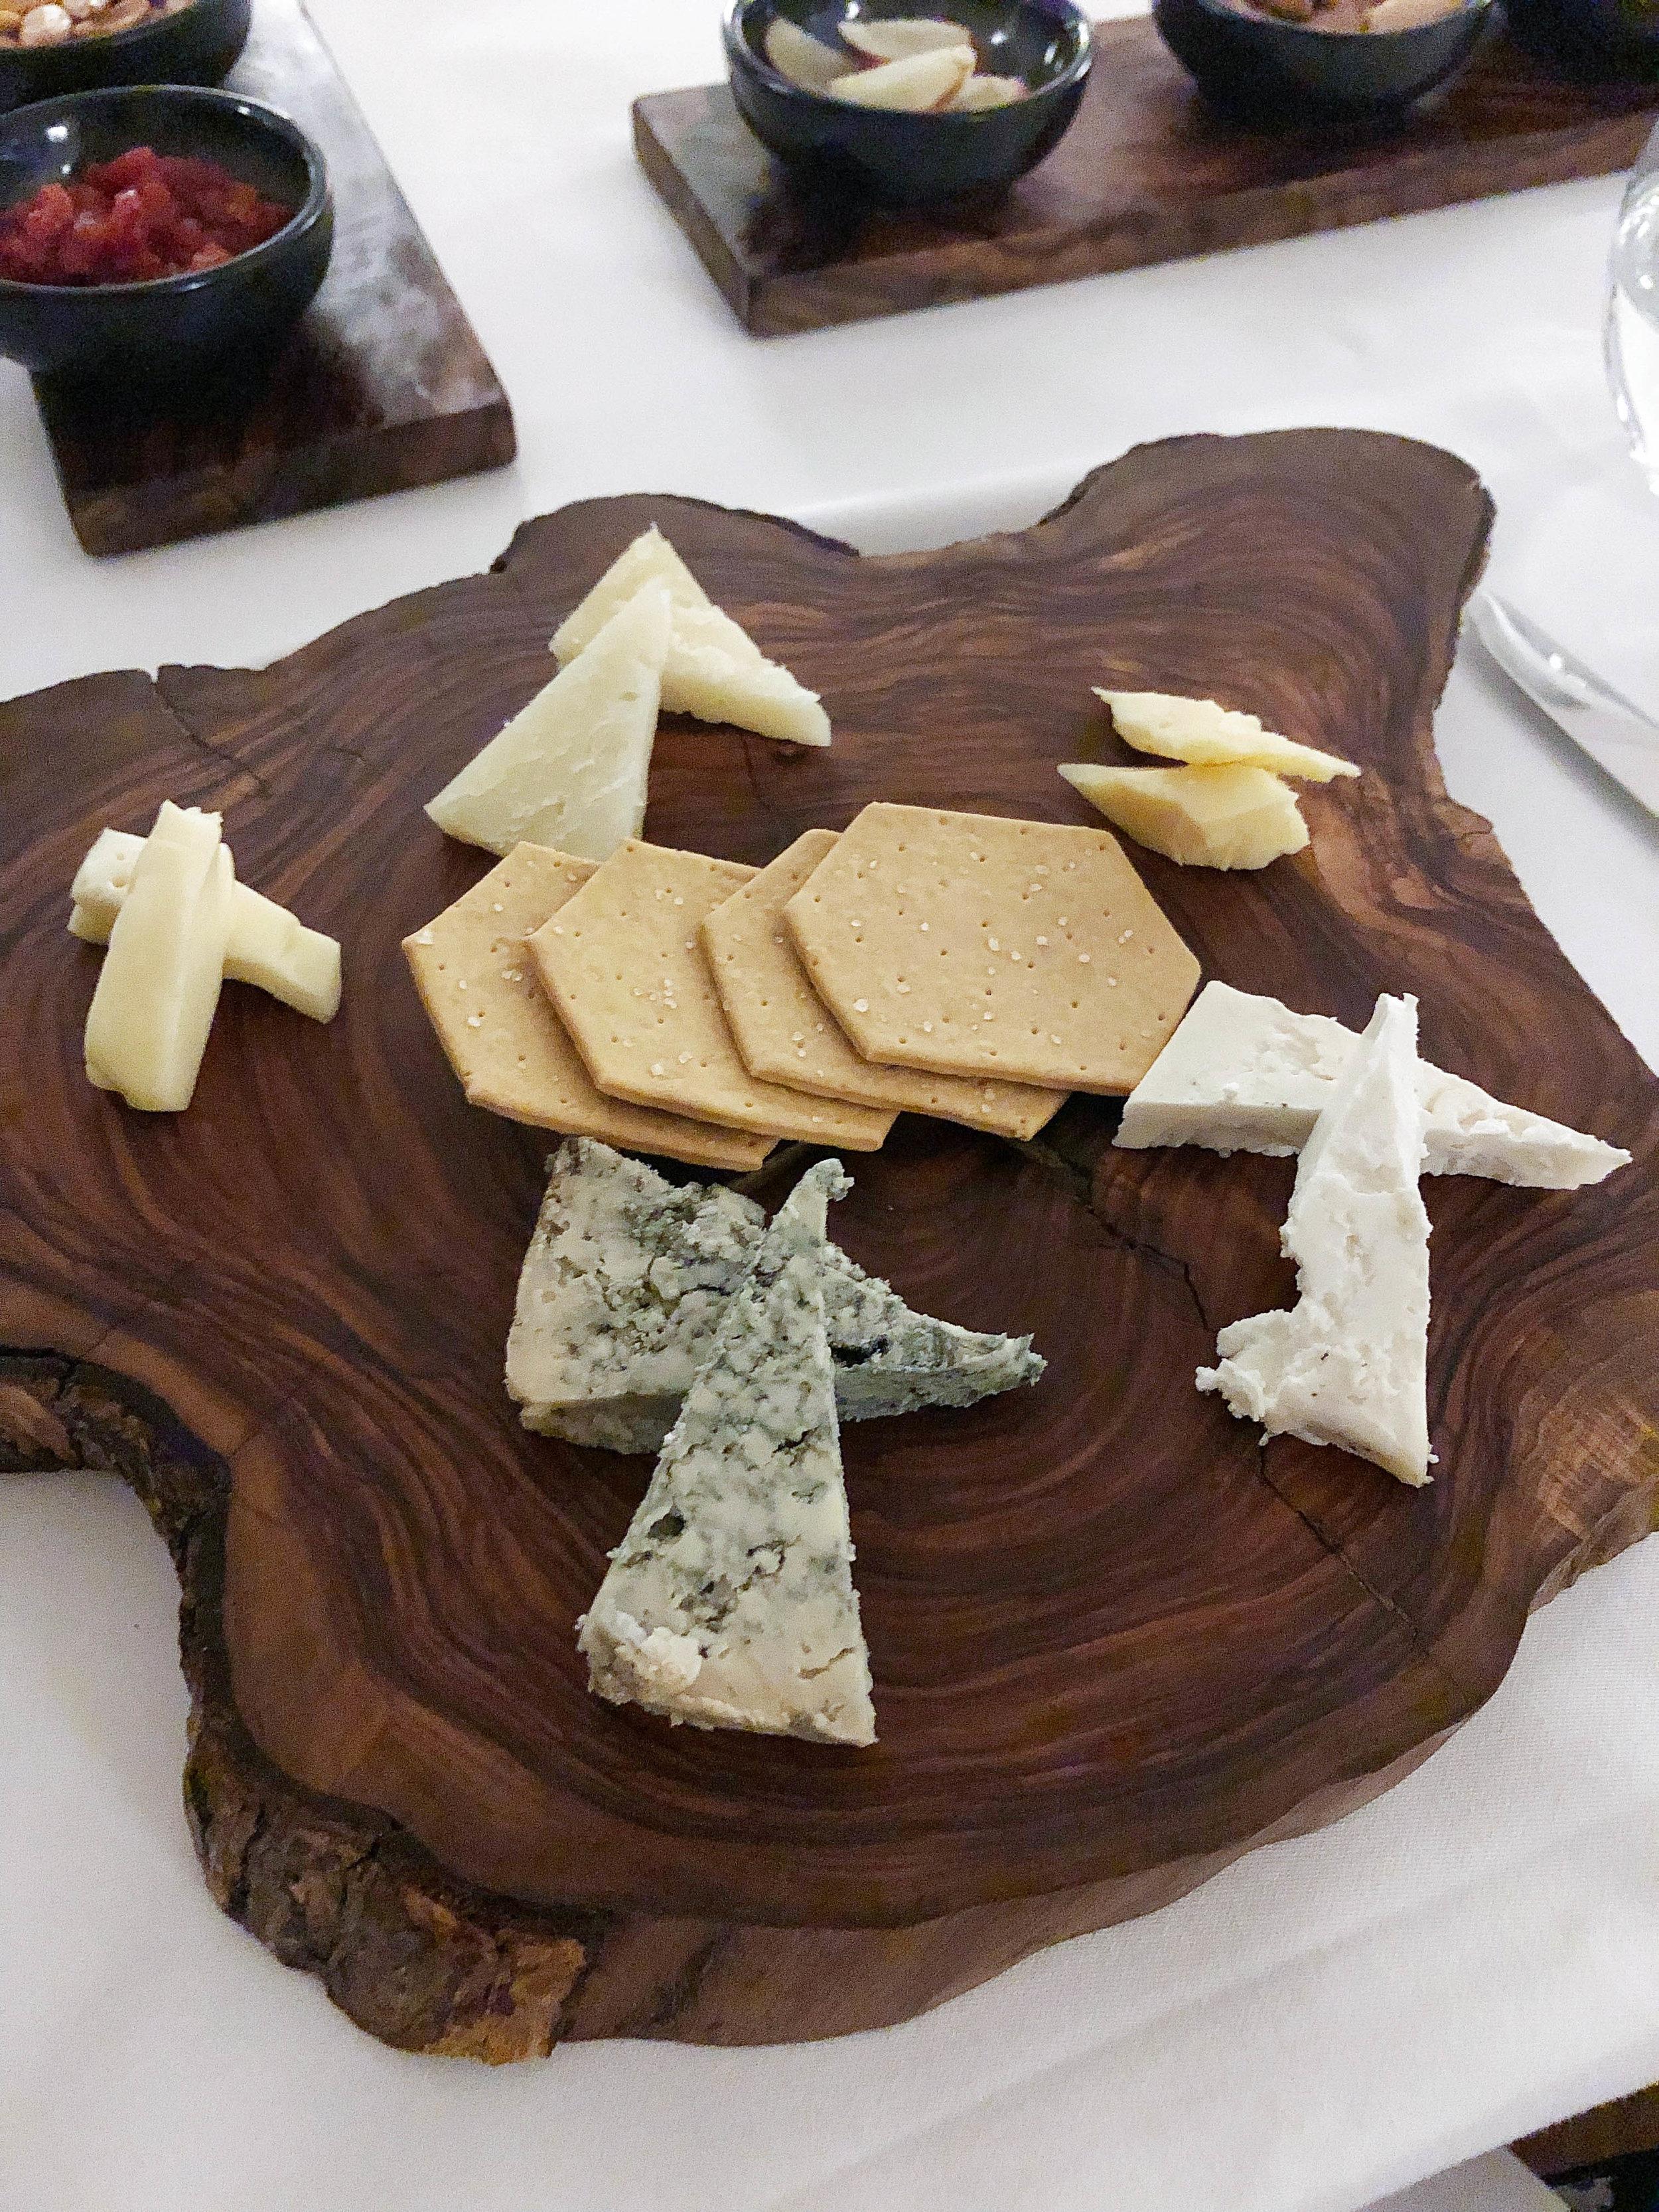 奶酪。开始拿着这个小东西。